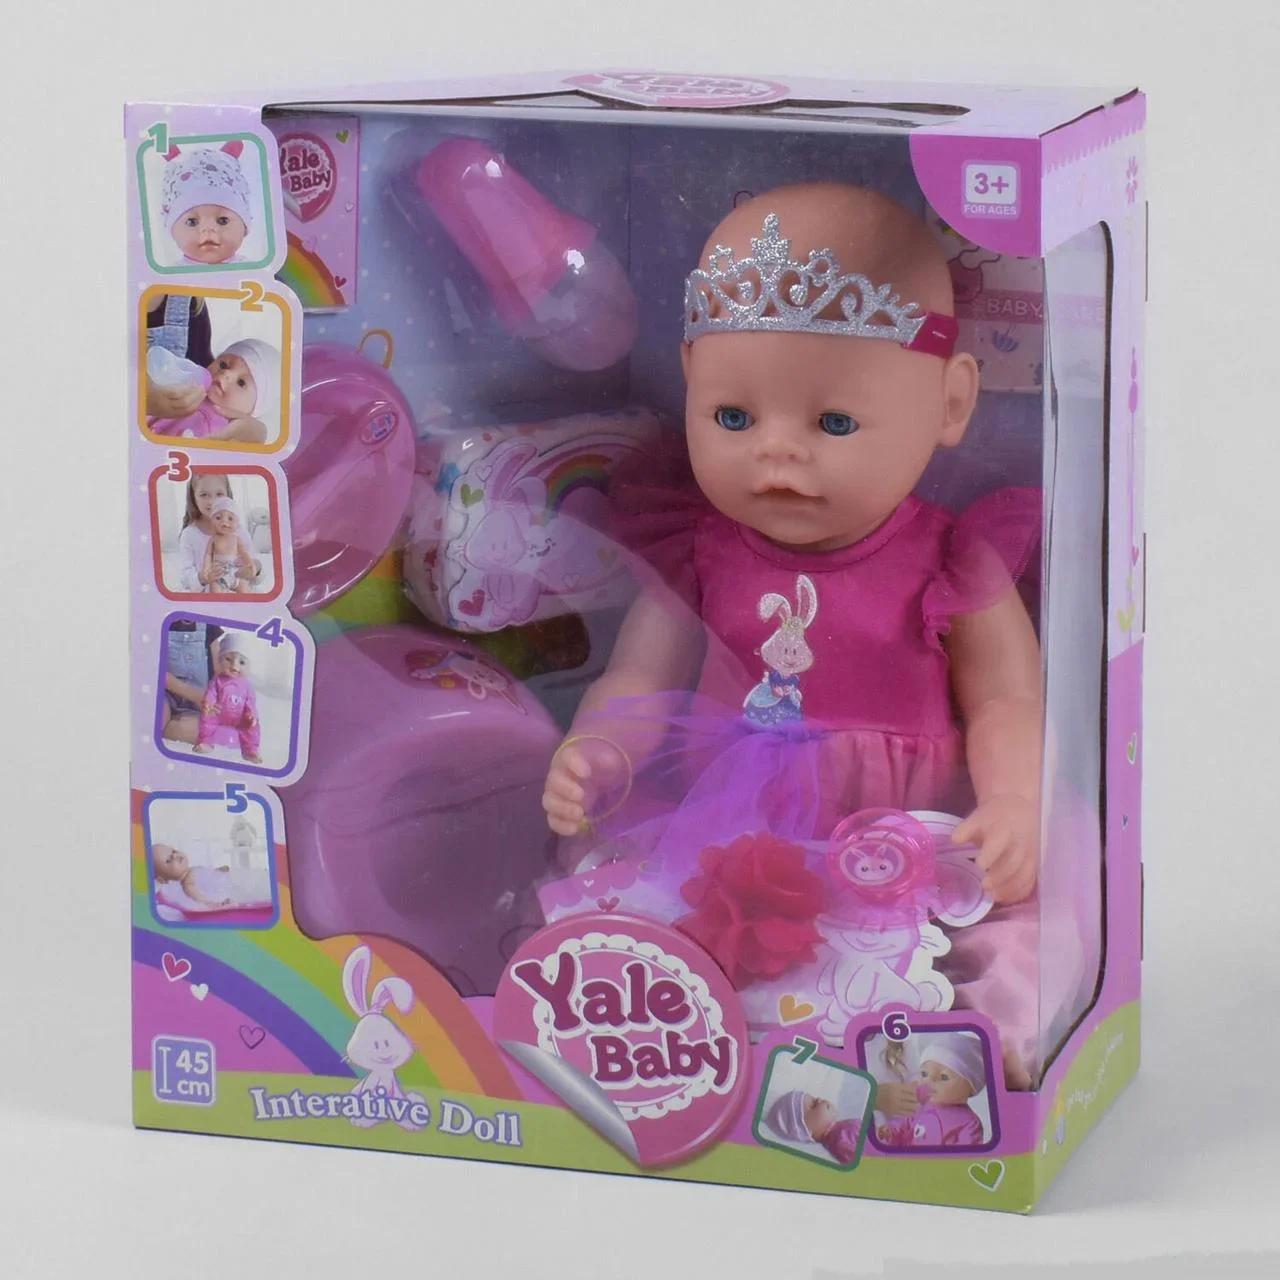 Детский пупсик для девочки Yale Baby BL 037, многофункциональный пупс на 8 функций с аксессуарами